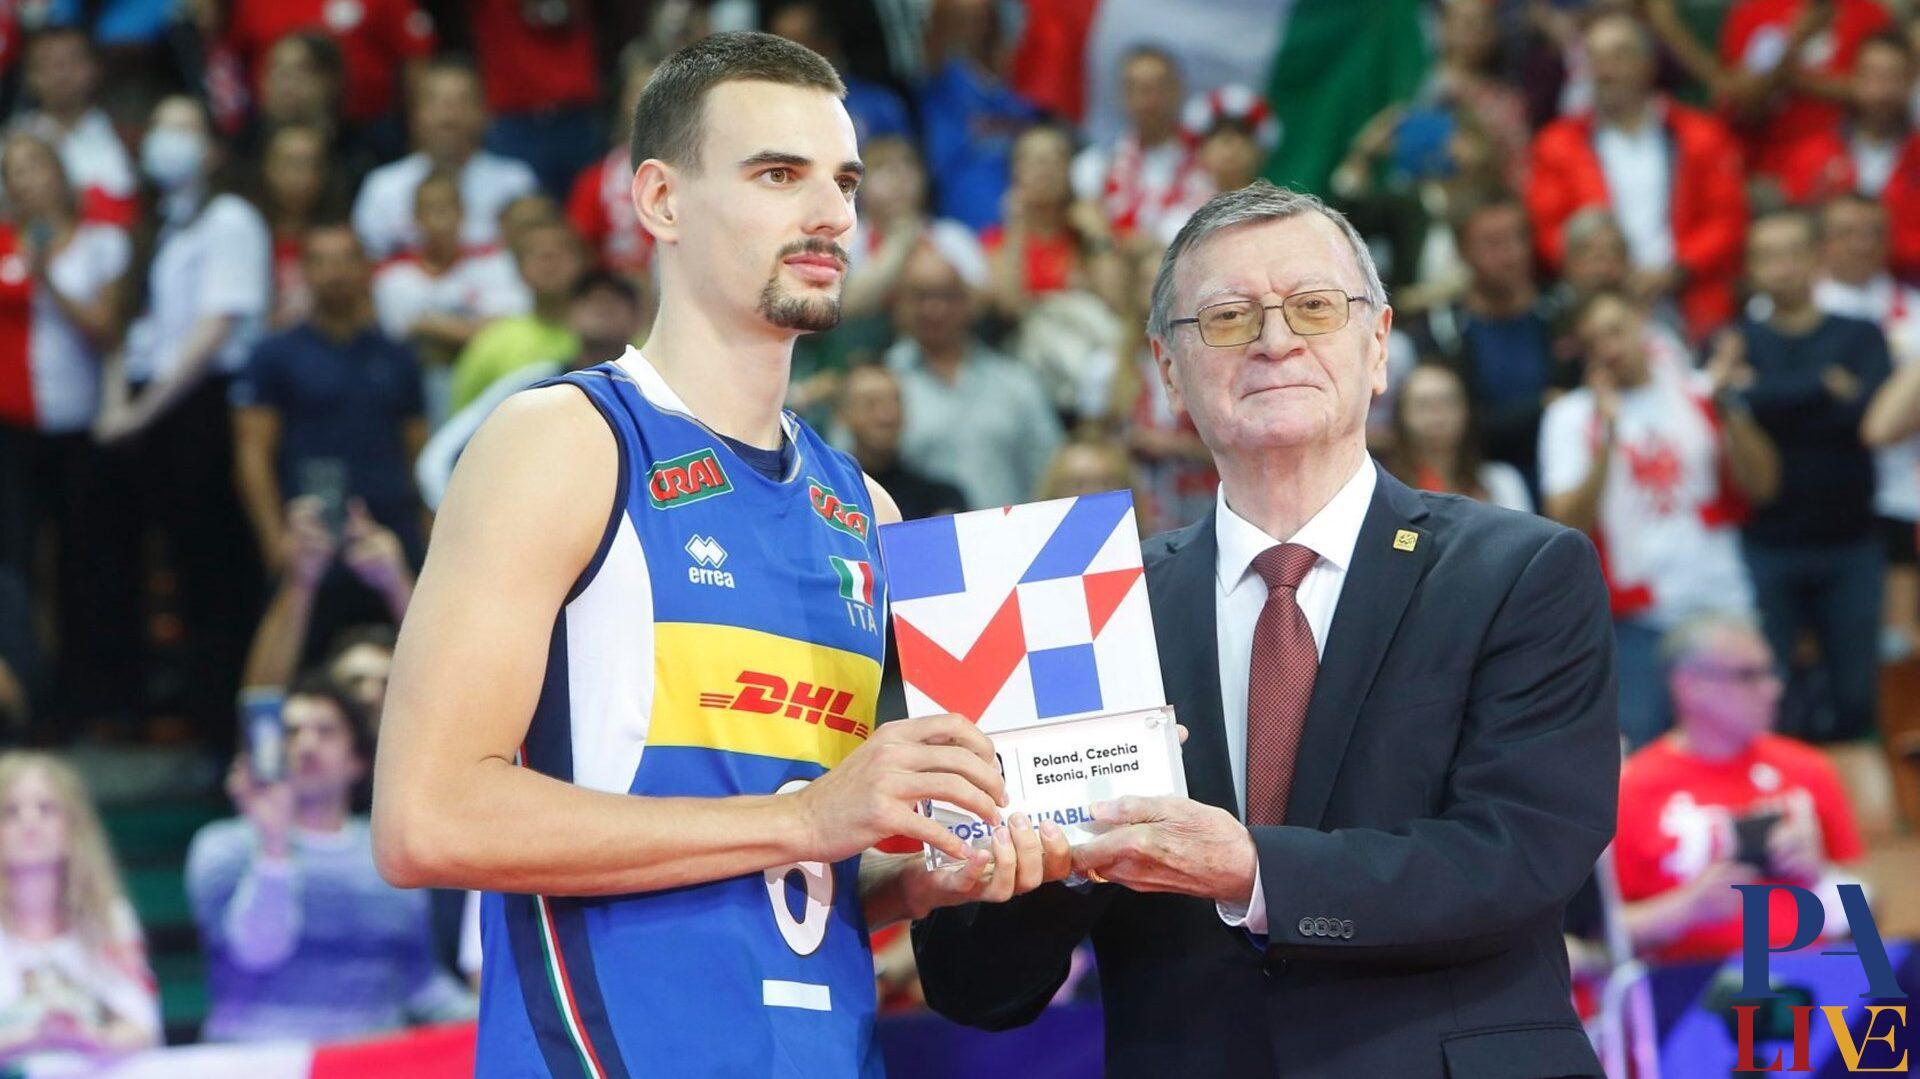 Italvolley Simone Giannelli (premiato MVP della manifestazione) - foto CEV